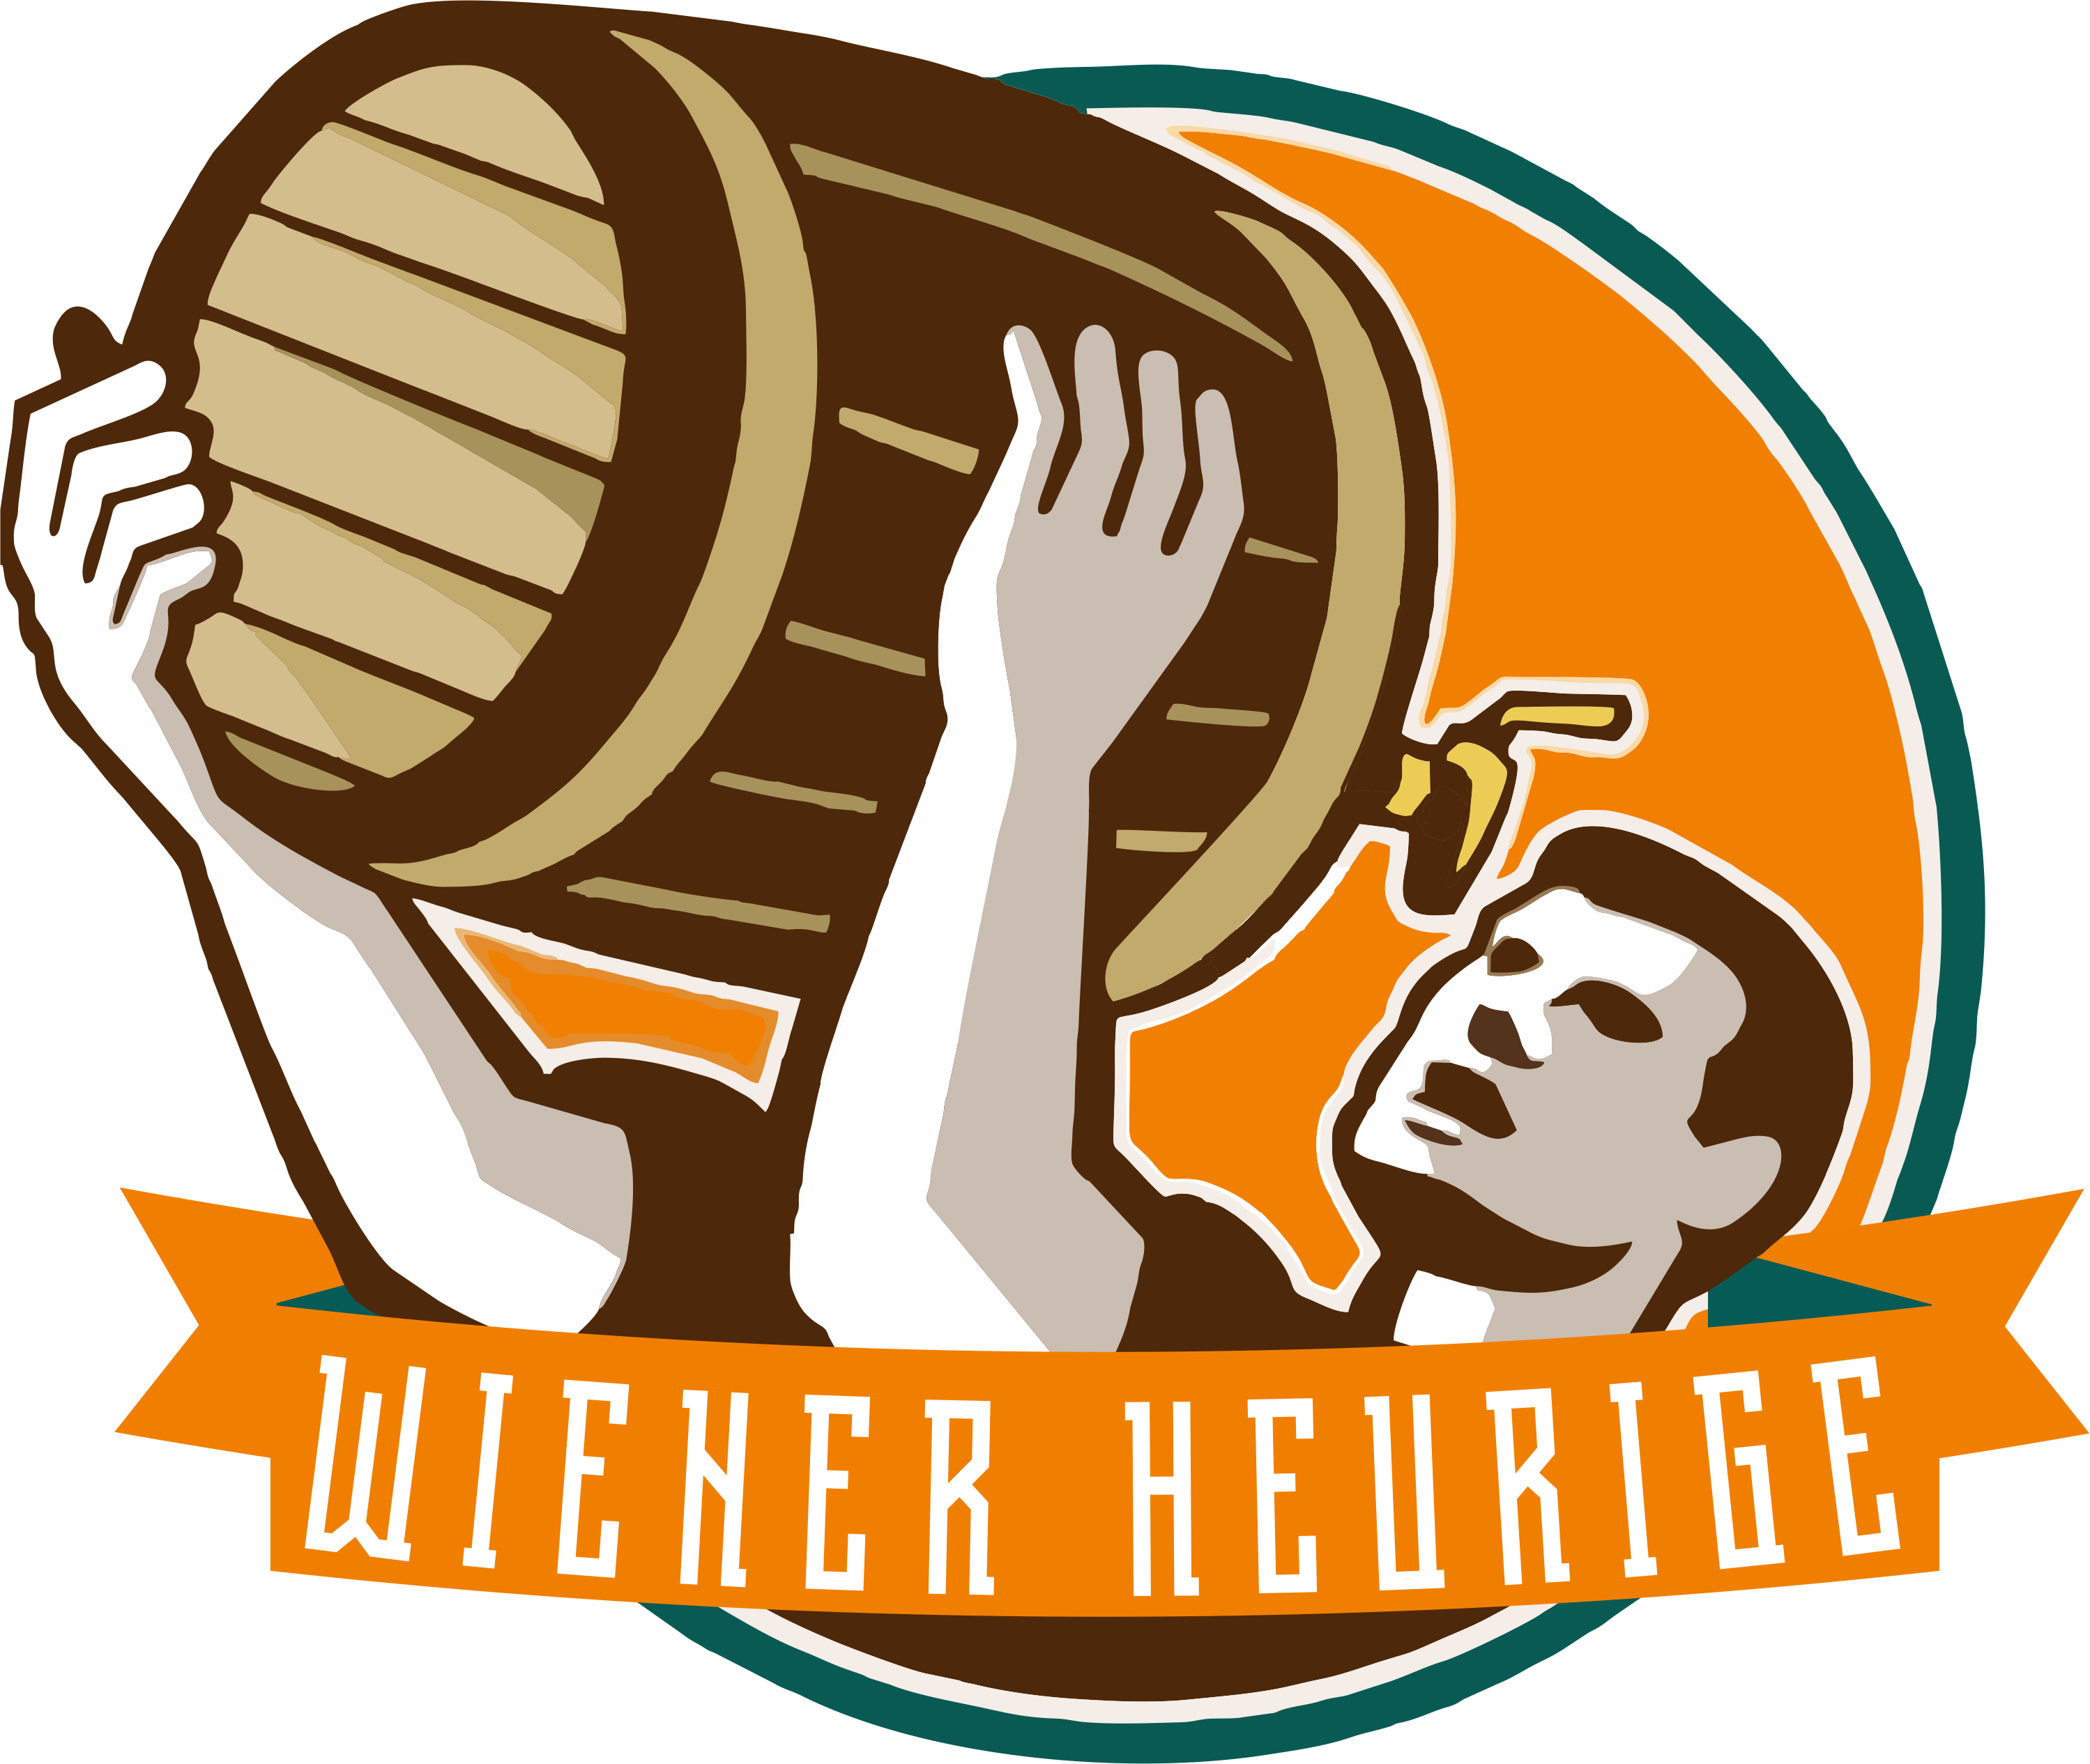 Logo wiener heurige schweiz. Retro clipart bartender